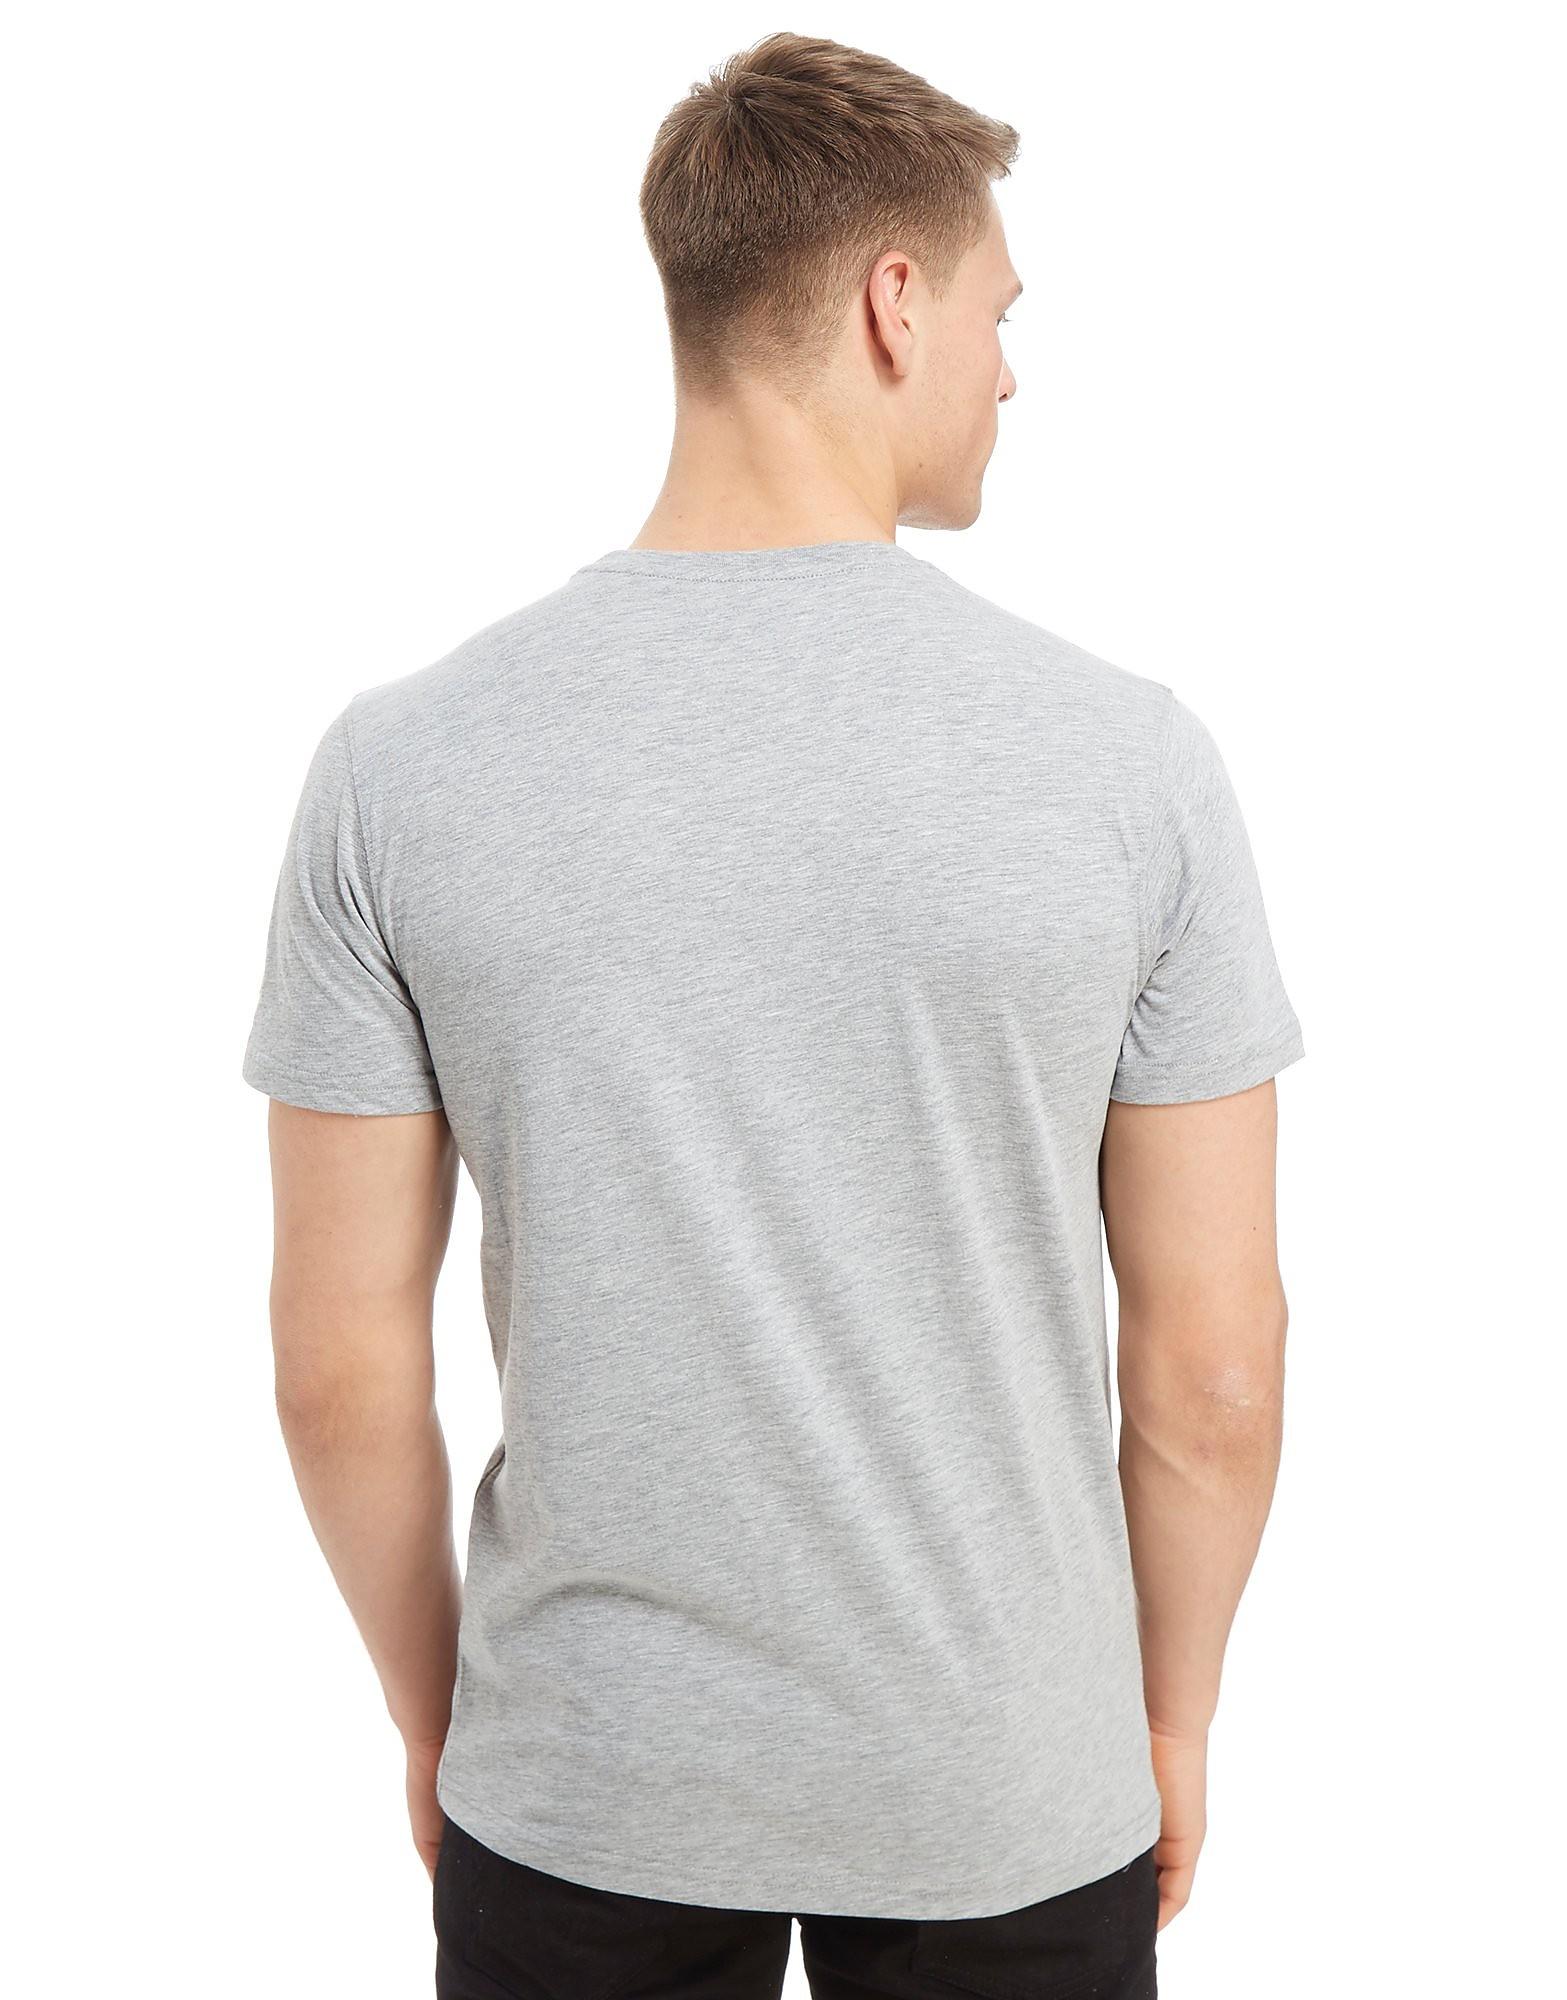 New Era T-shirt NBA Golden State Warriors Homme